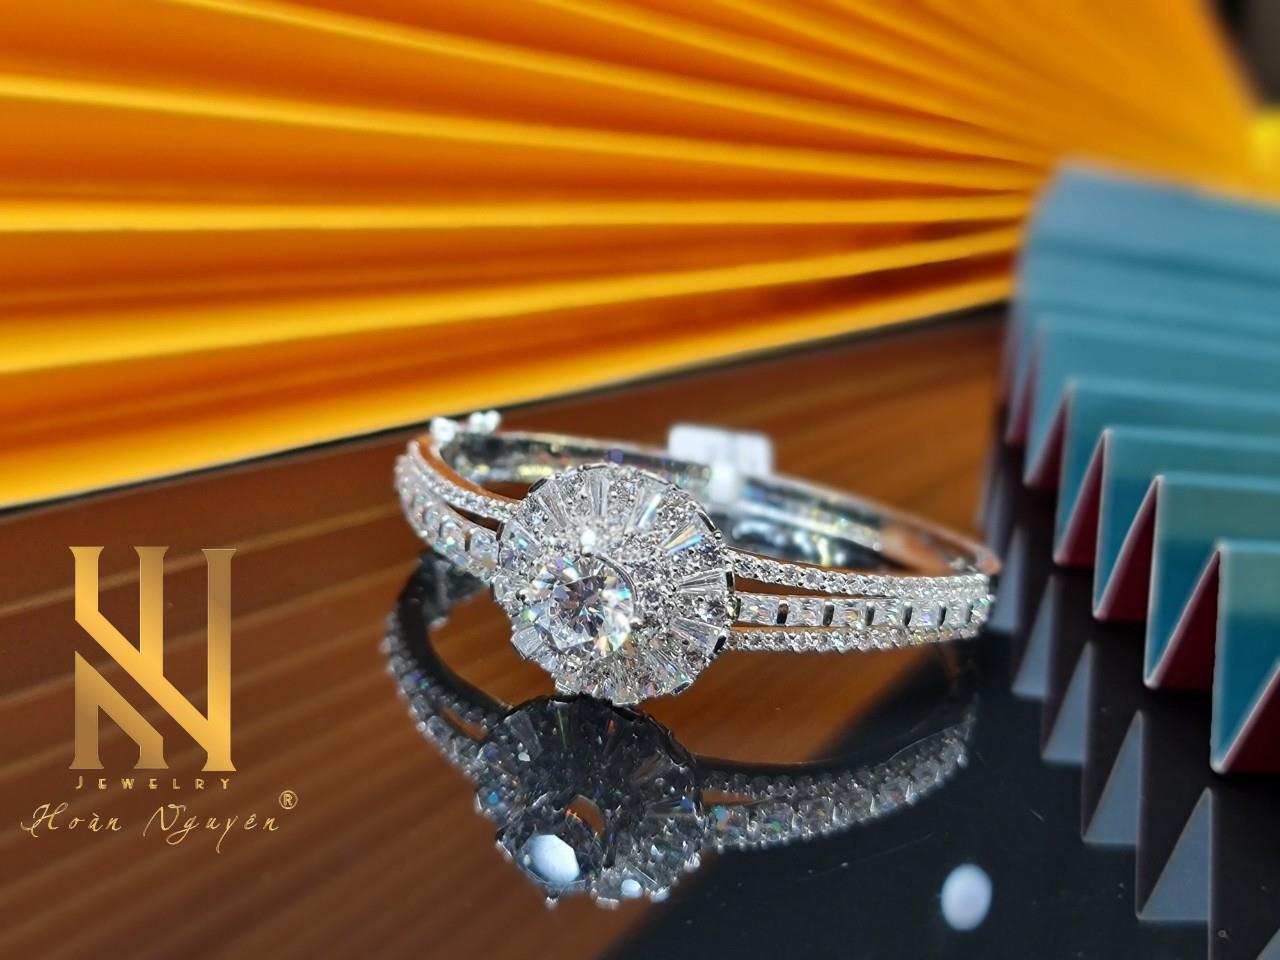 Hoàn Nguyên Jewelry- Khẳng định phong cách cùng trang sức cao cấp - Ảnh 4.